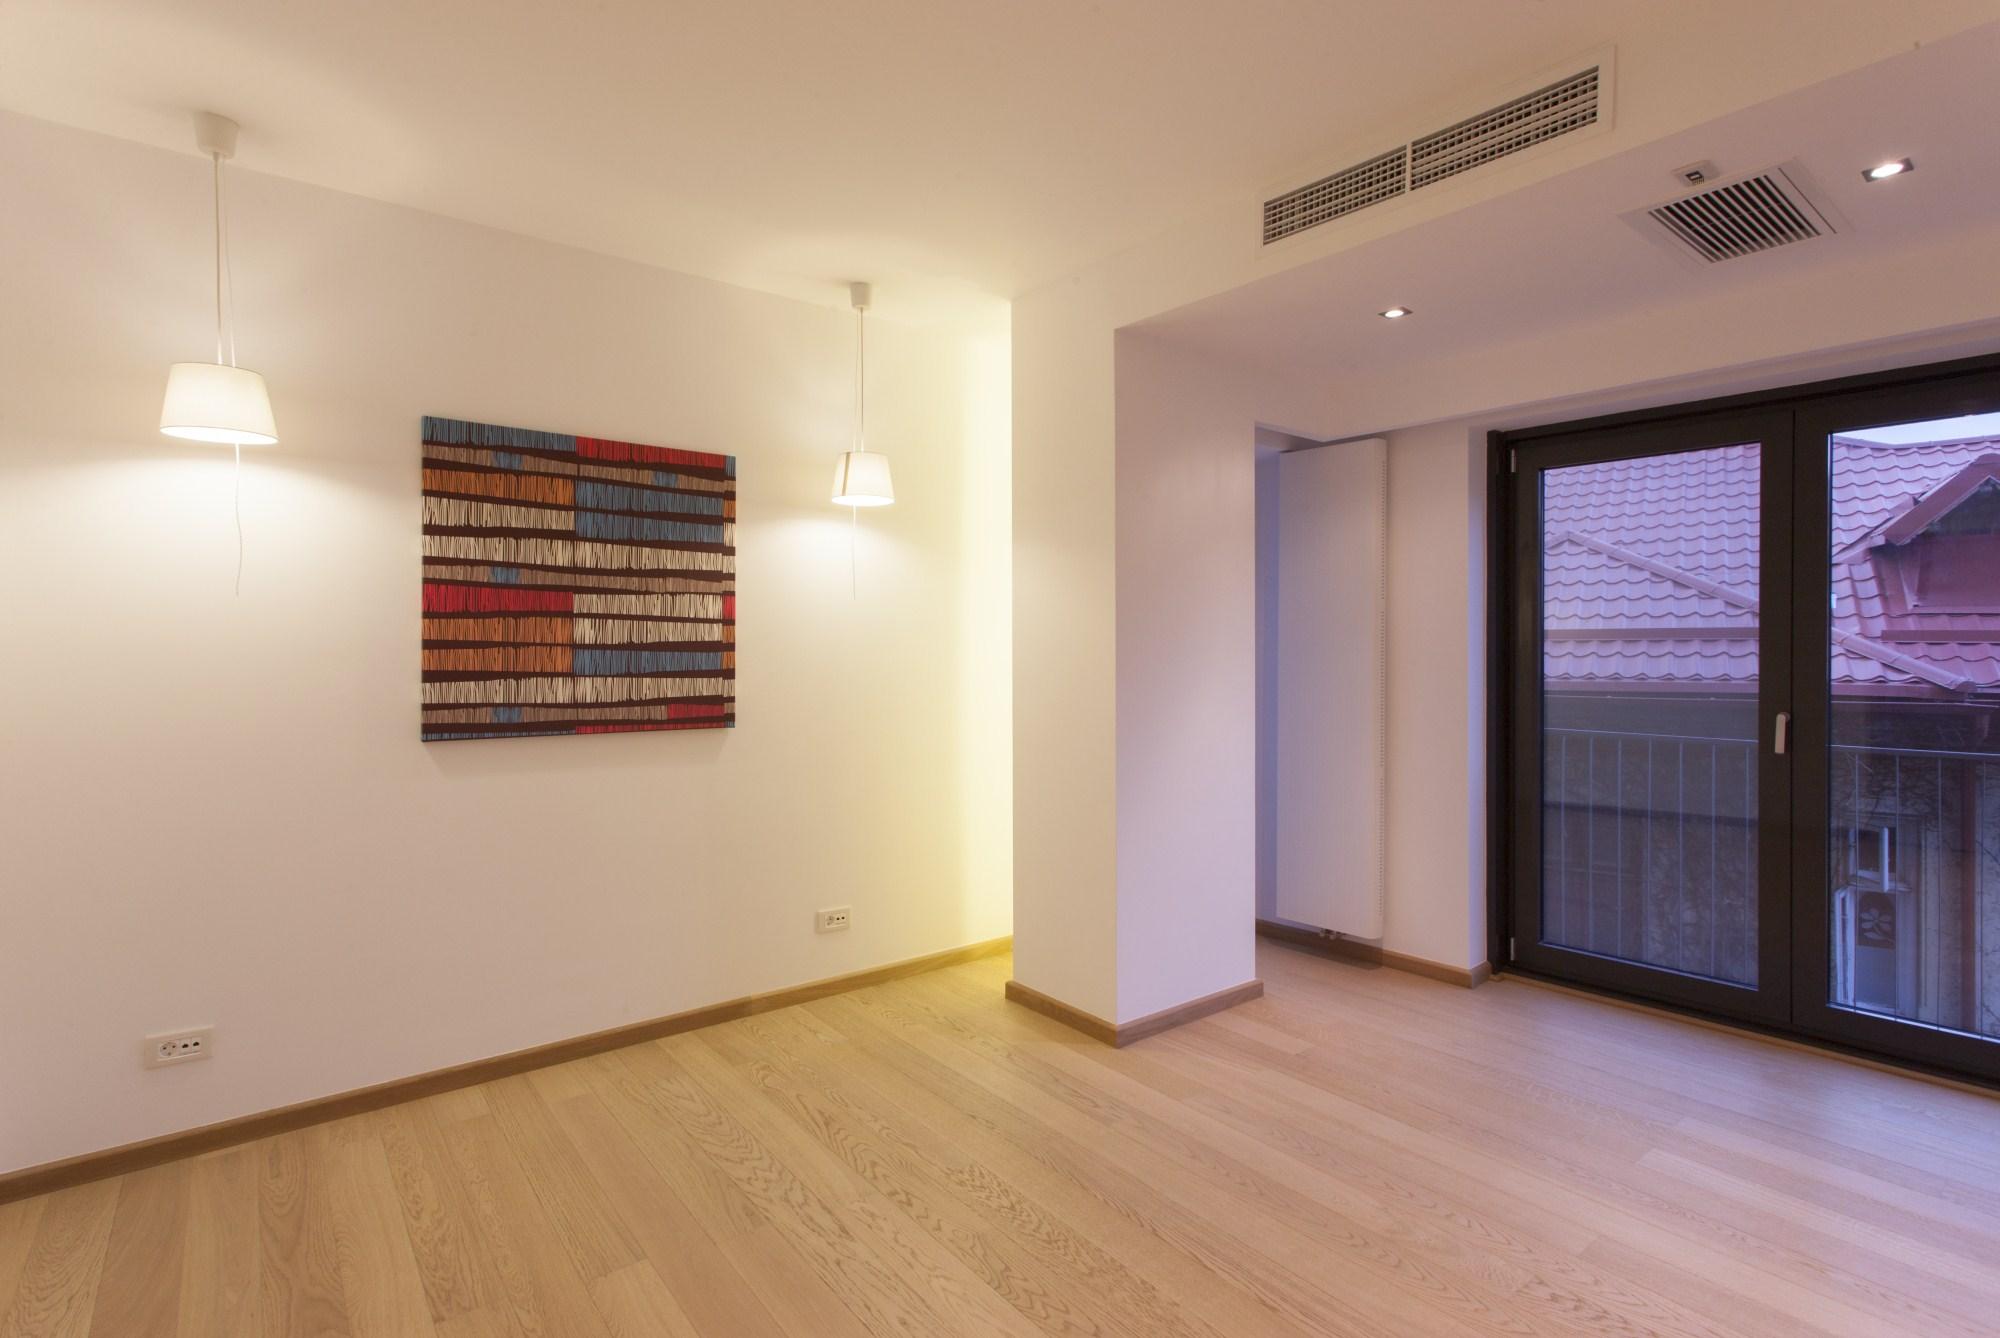 https://nbc-arhitect.ro/wp-content/uploads/2020/10/NBC-Arhitect-_-Petofi-Sandor-_-Housing-_-interior-design_24.jpg